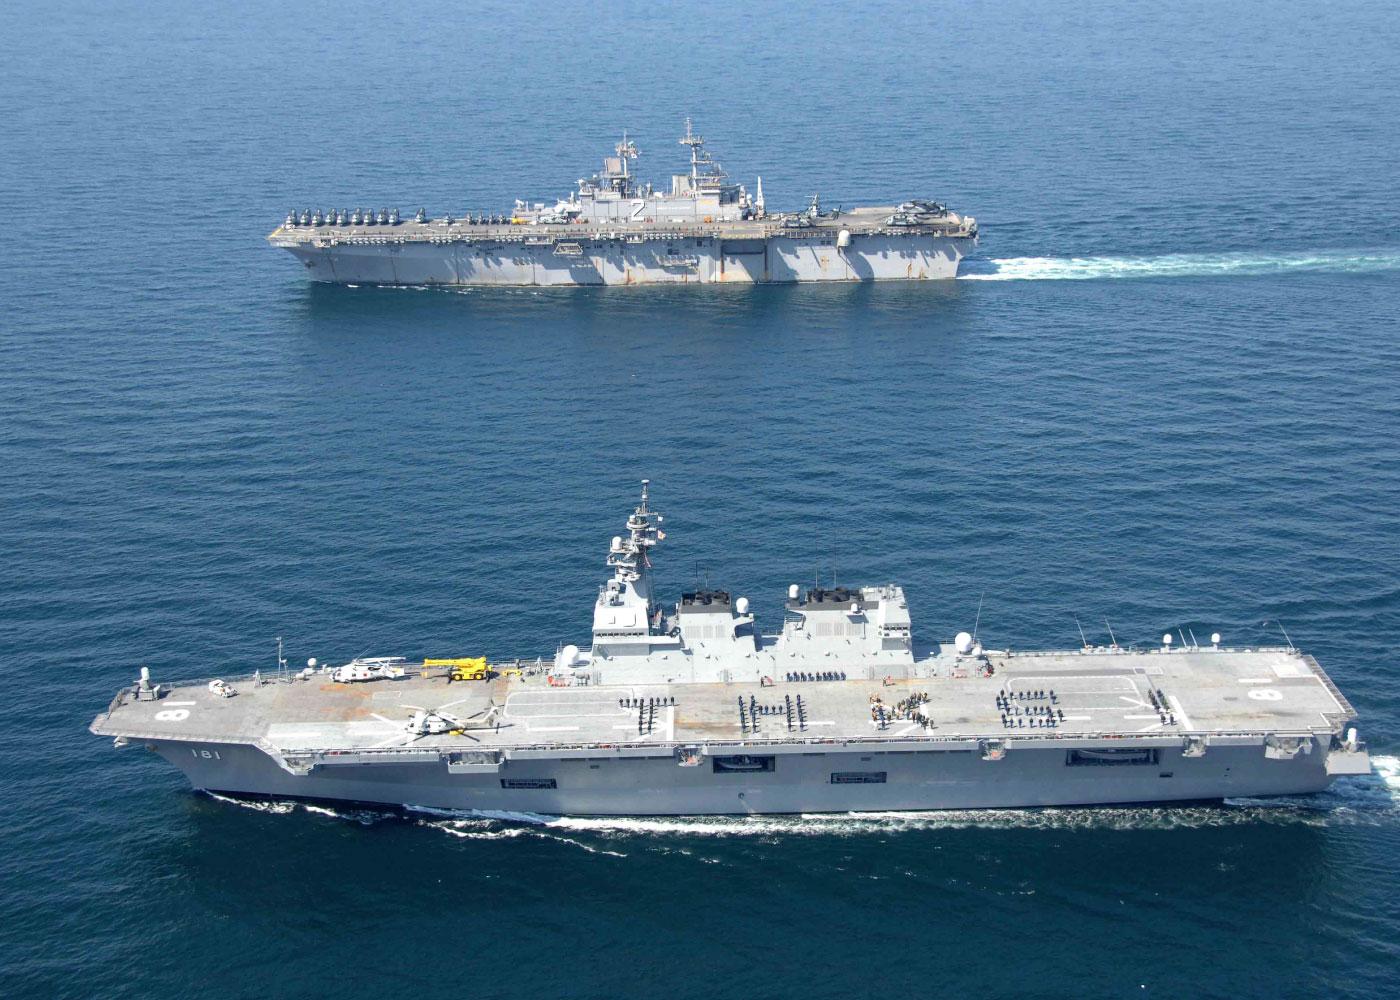 4_7_8 福島原発対応の海上自衛隊。ほか災害支援だよ: shengxinの思いつき sheng